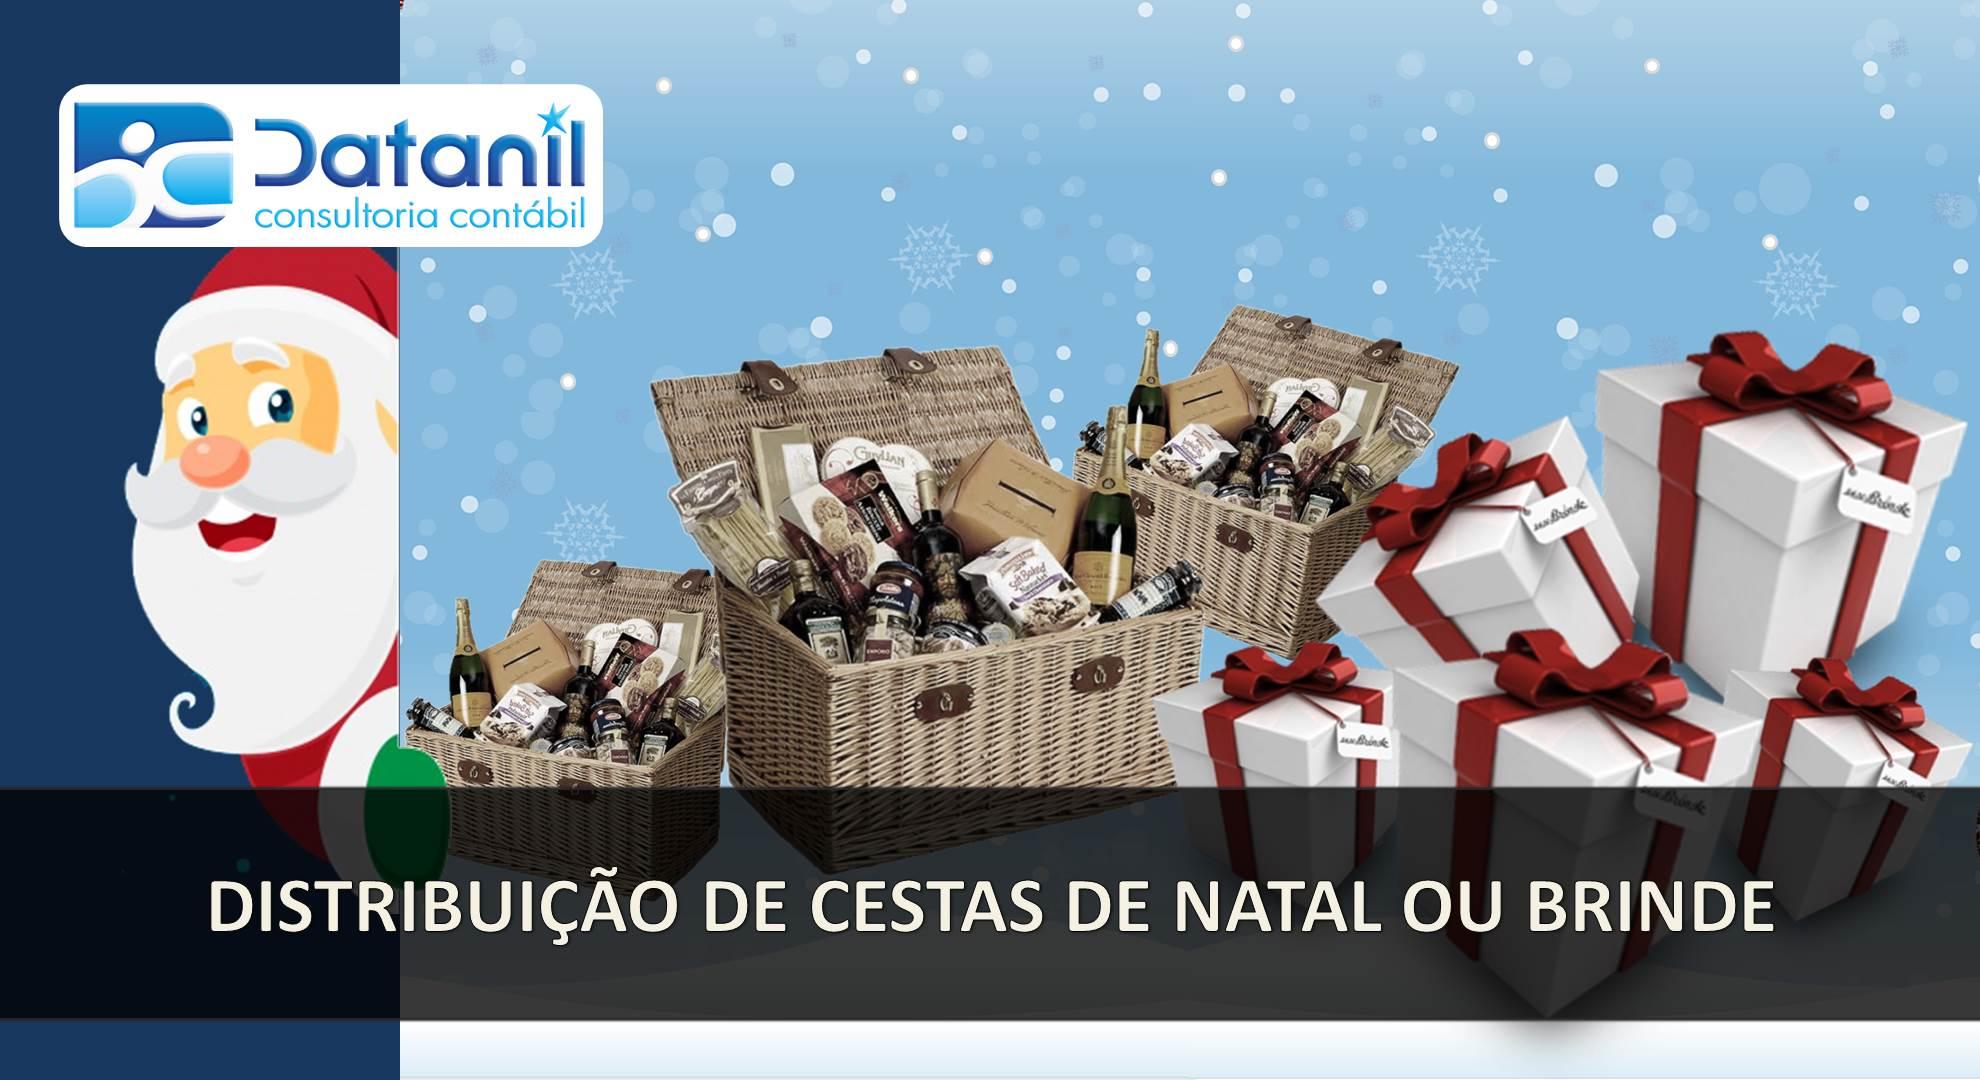 Distribuição De Cestas De Natal Ou Brindes